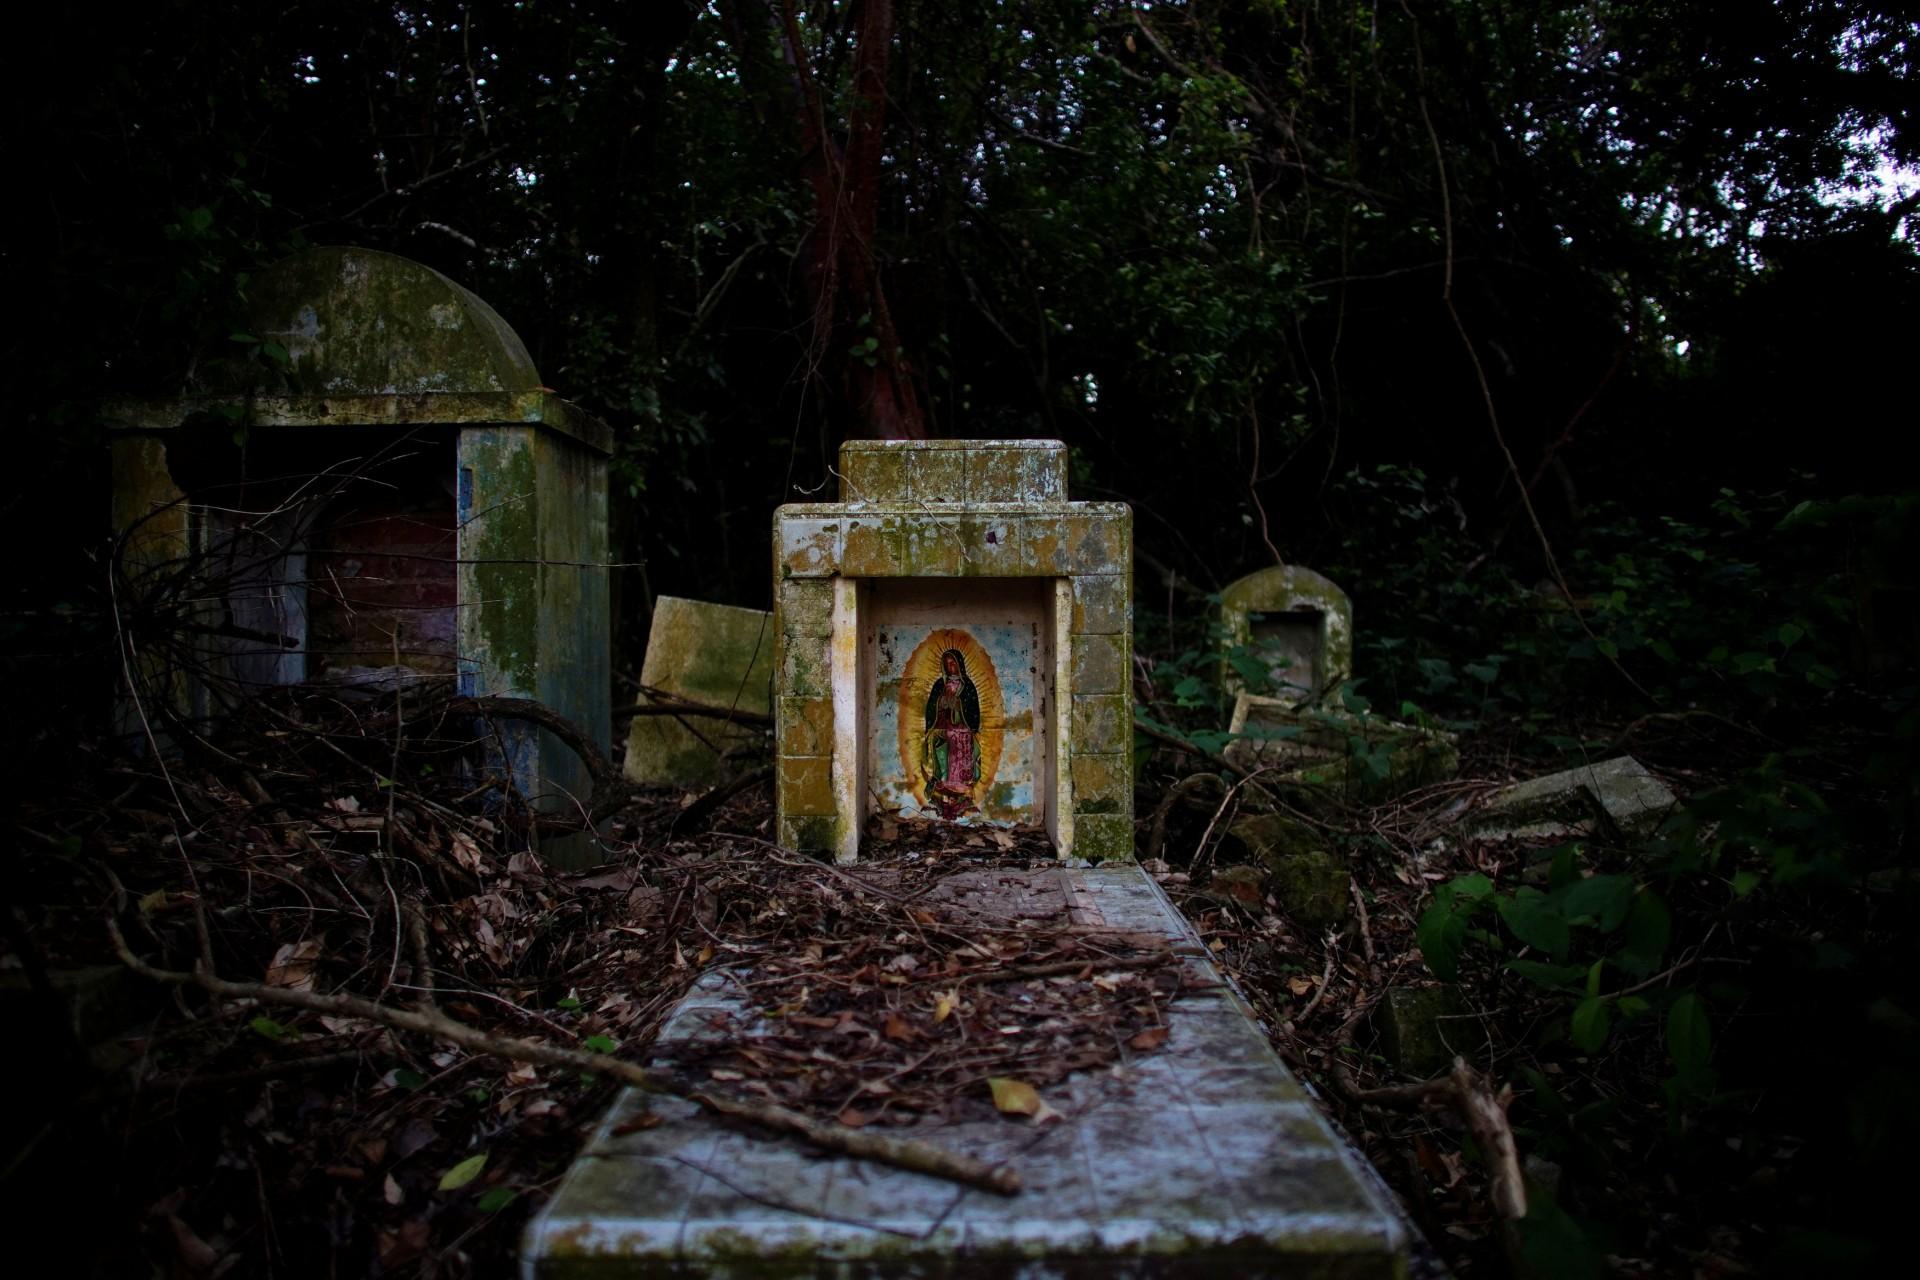 Una imagen de la Virgen María se muestra en una tumba en el cementerio Cabezal Puerto Ceiba, en Paraiso, México, el 8 de diciembre de 2018.